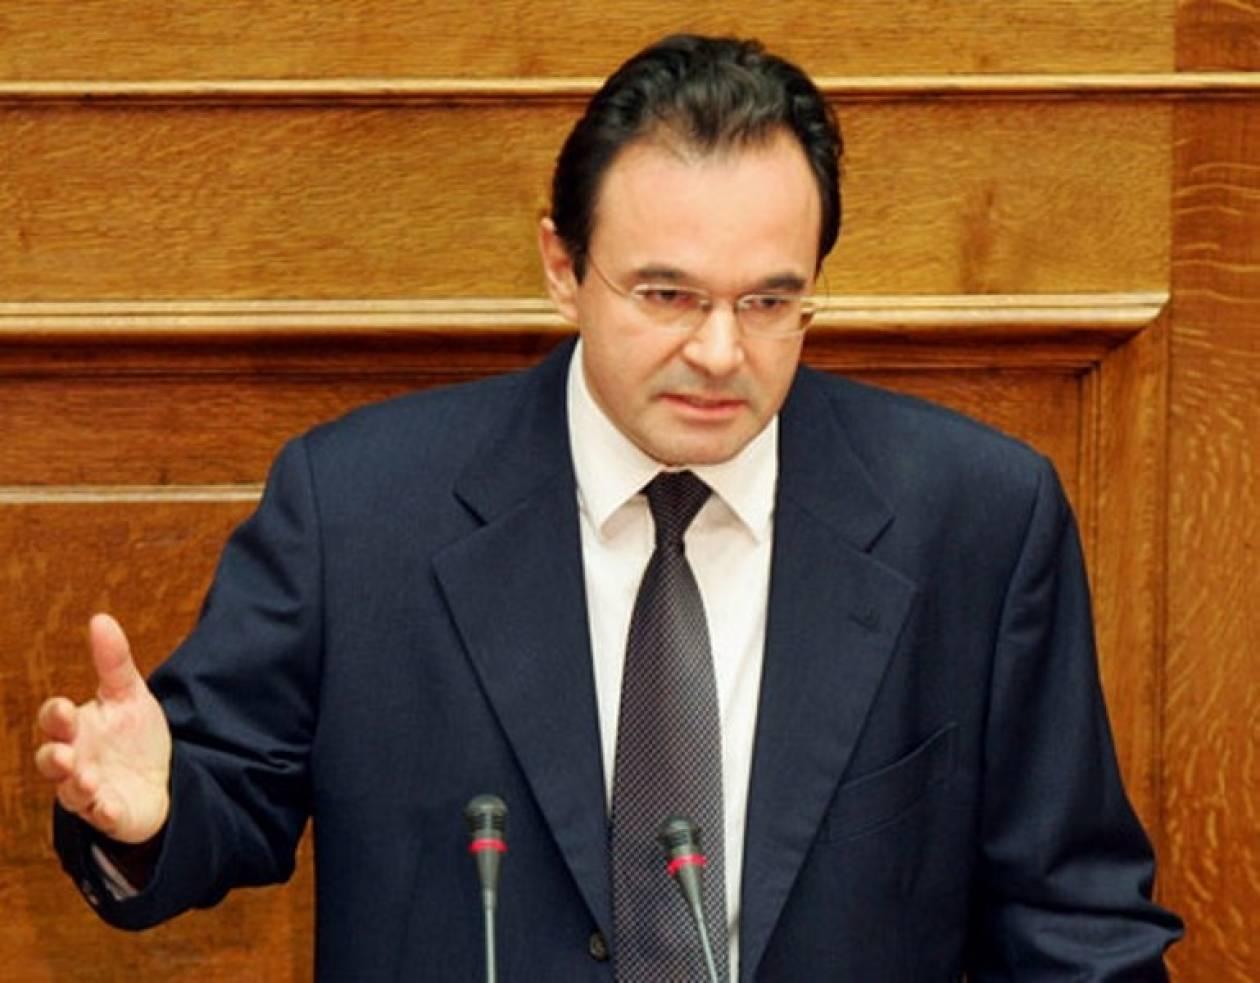 Δείτε LIVE: Στο βήμα της Βουλής ο Γ. Παπακωνσταντίνου